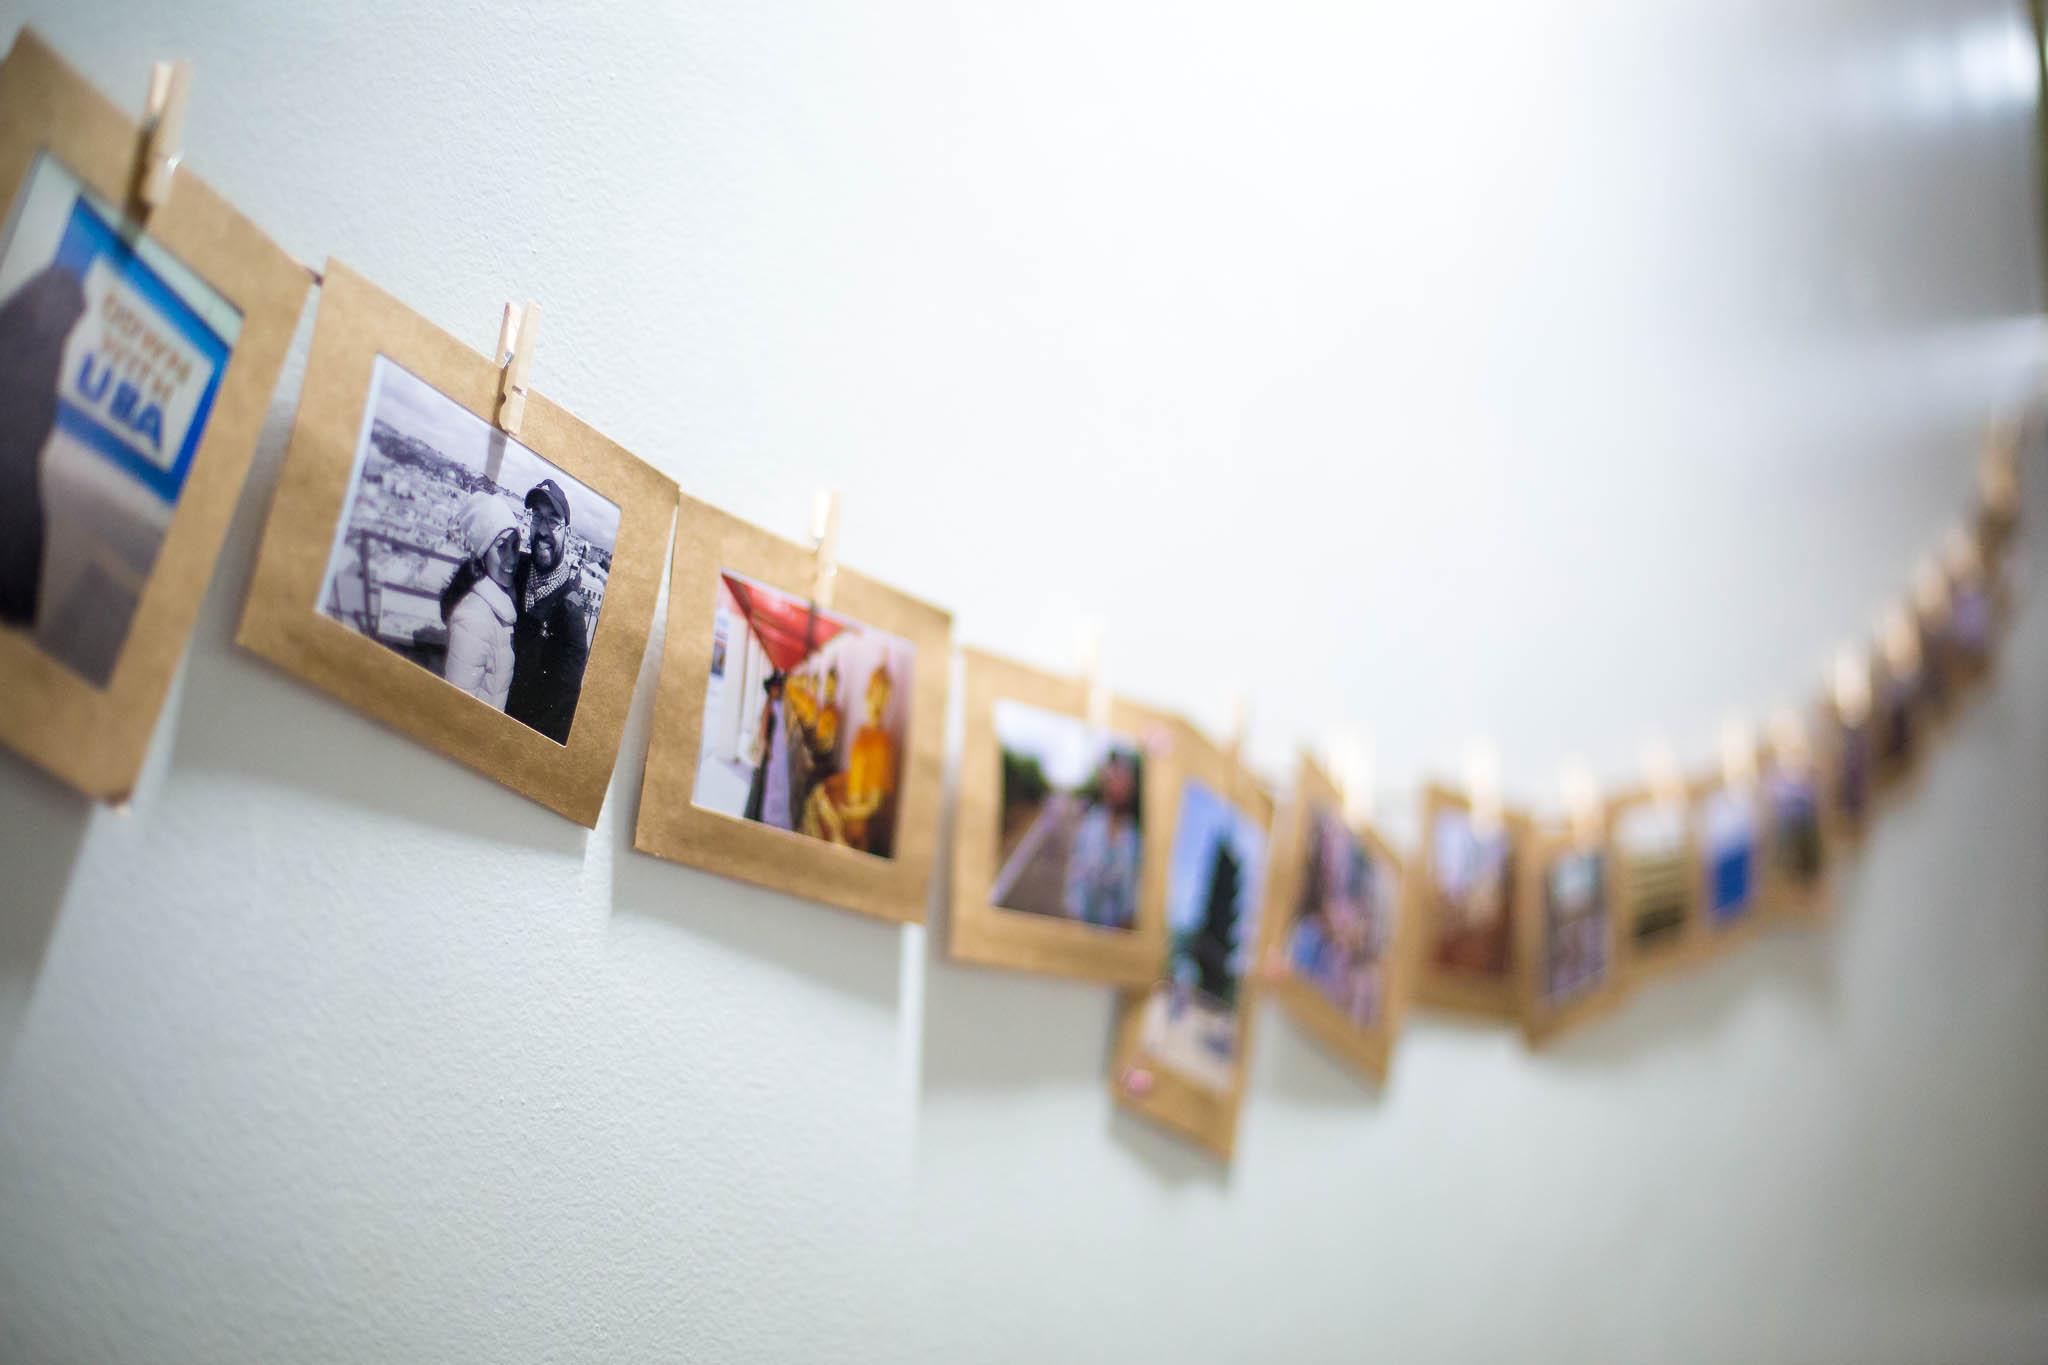 ANDRE PICCININI FOTOGRAFO DE CASAMENTO2T8A0188